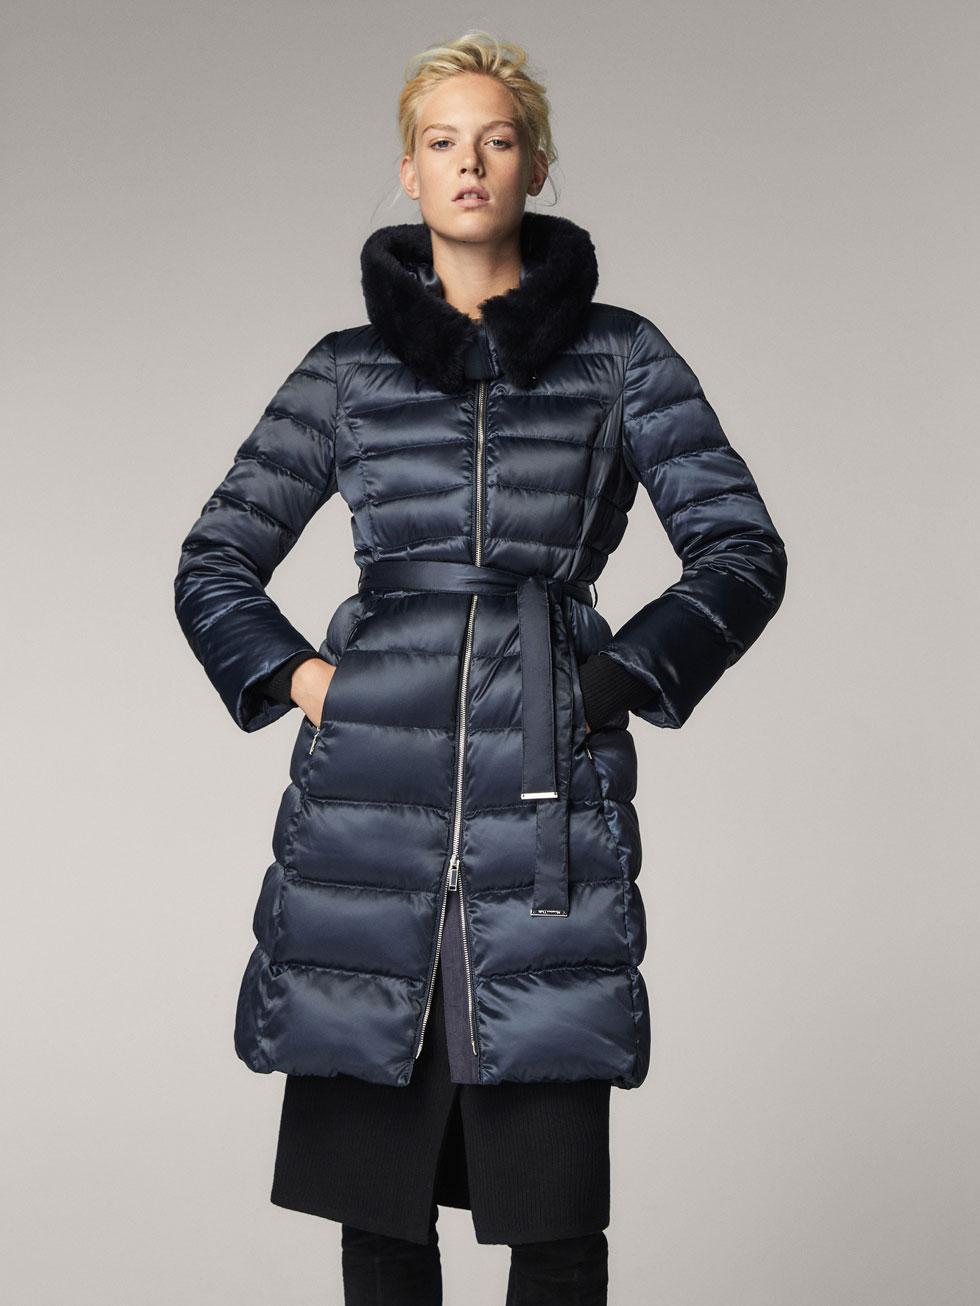 Как носить пуховик этой зимой и выглядеть стильно-320x180